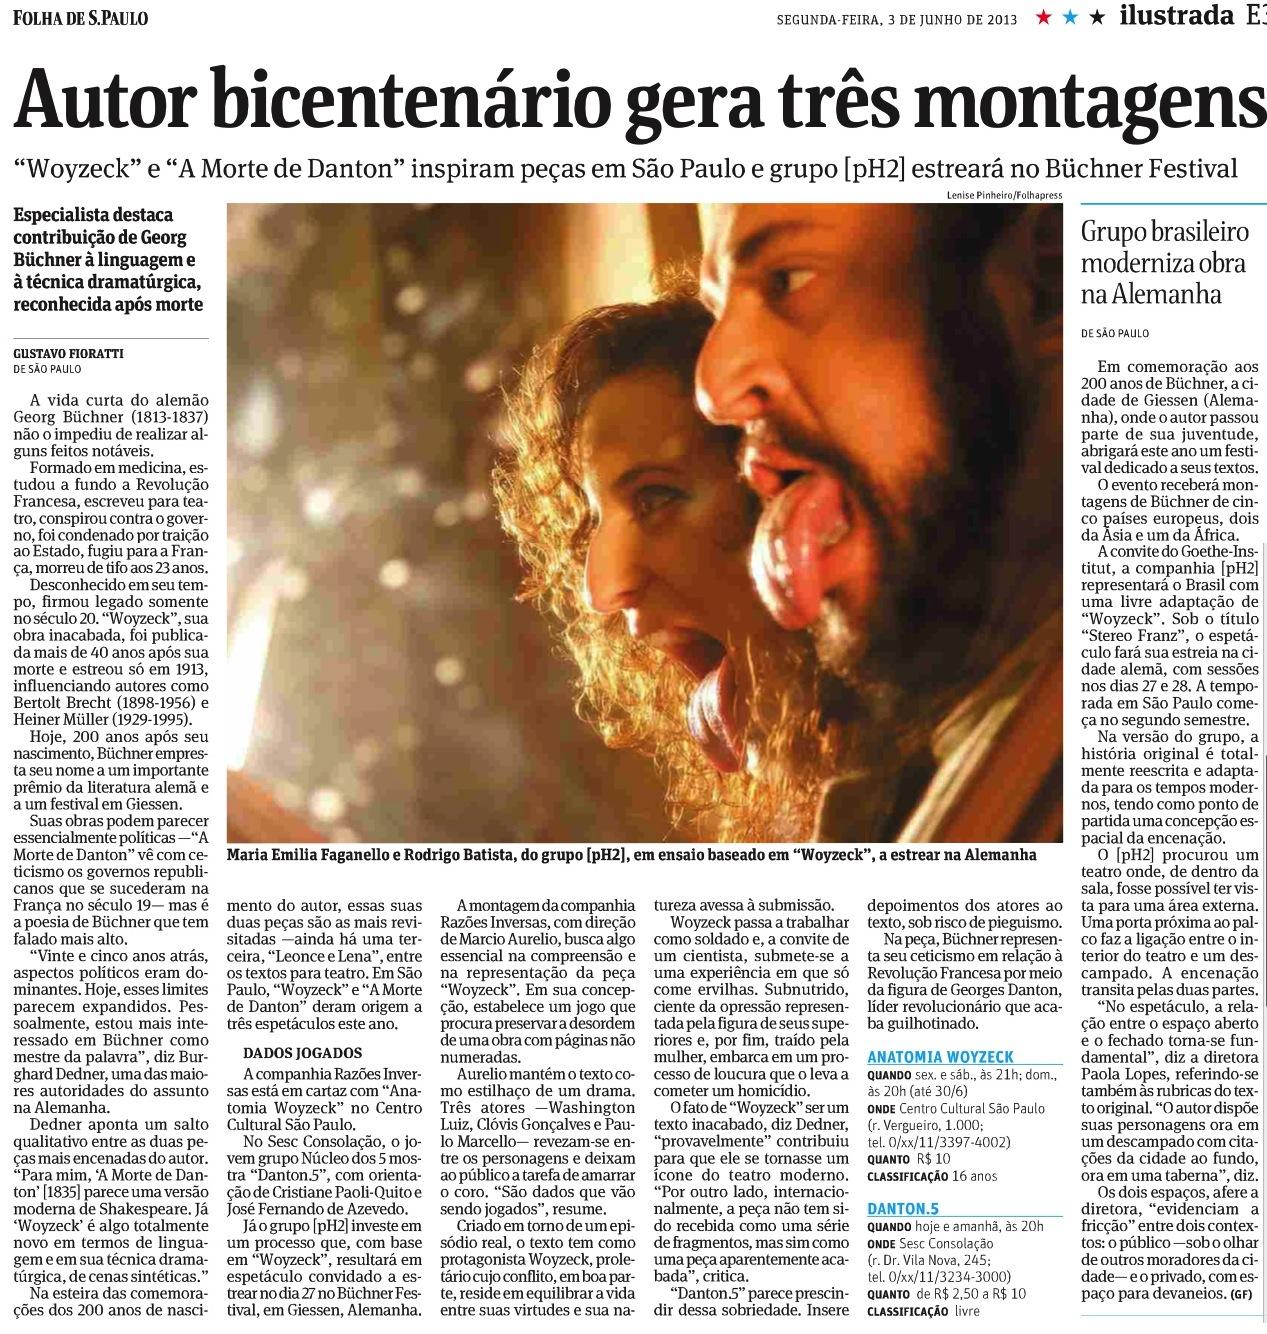 Stereo Franz na Folha de SP